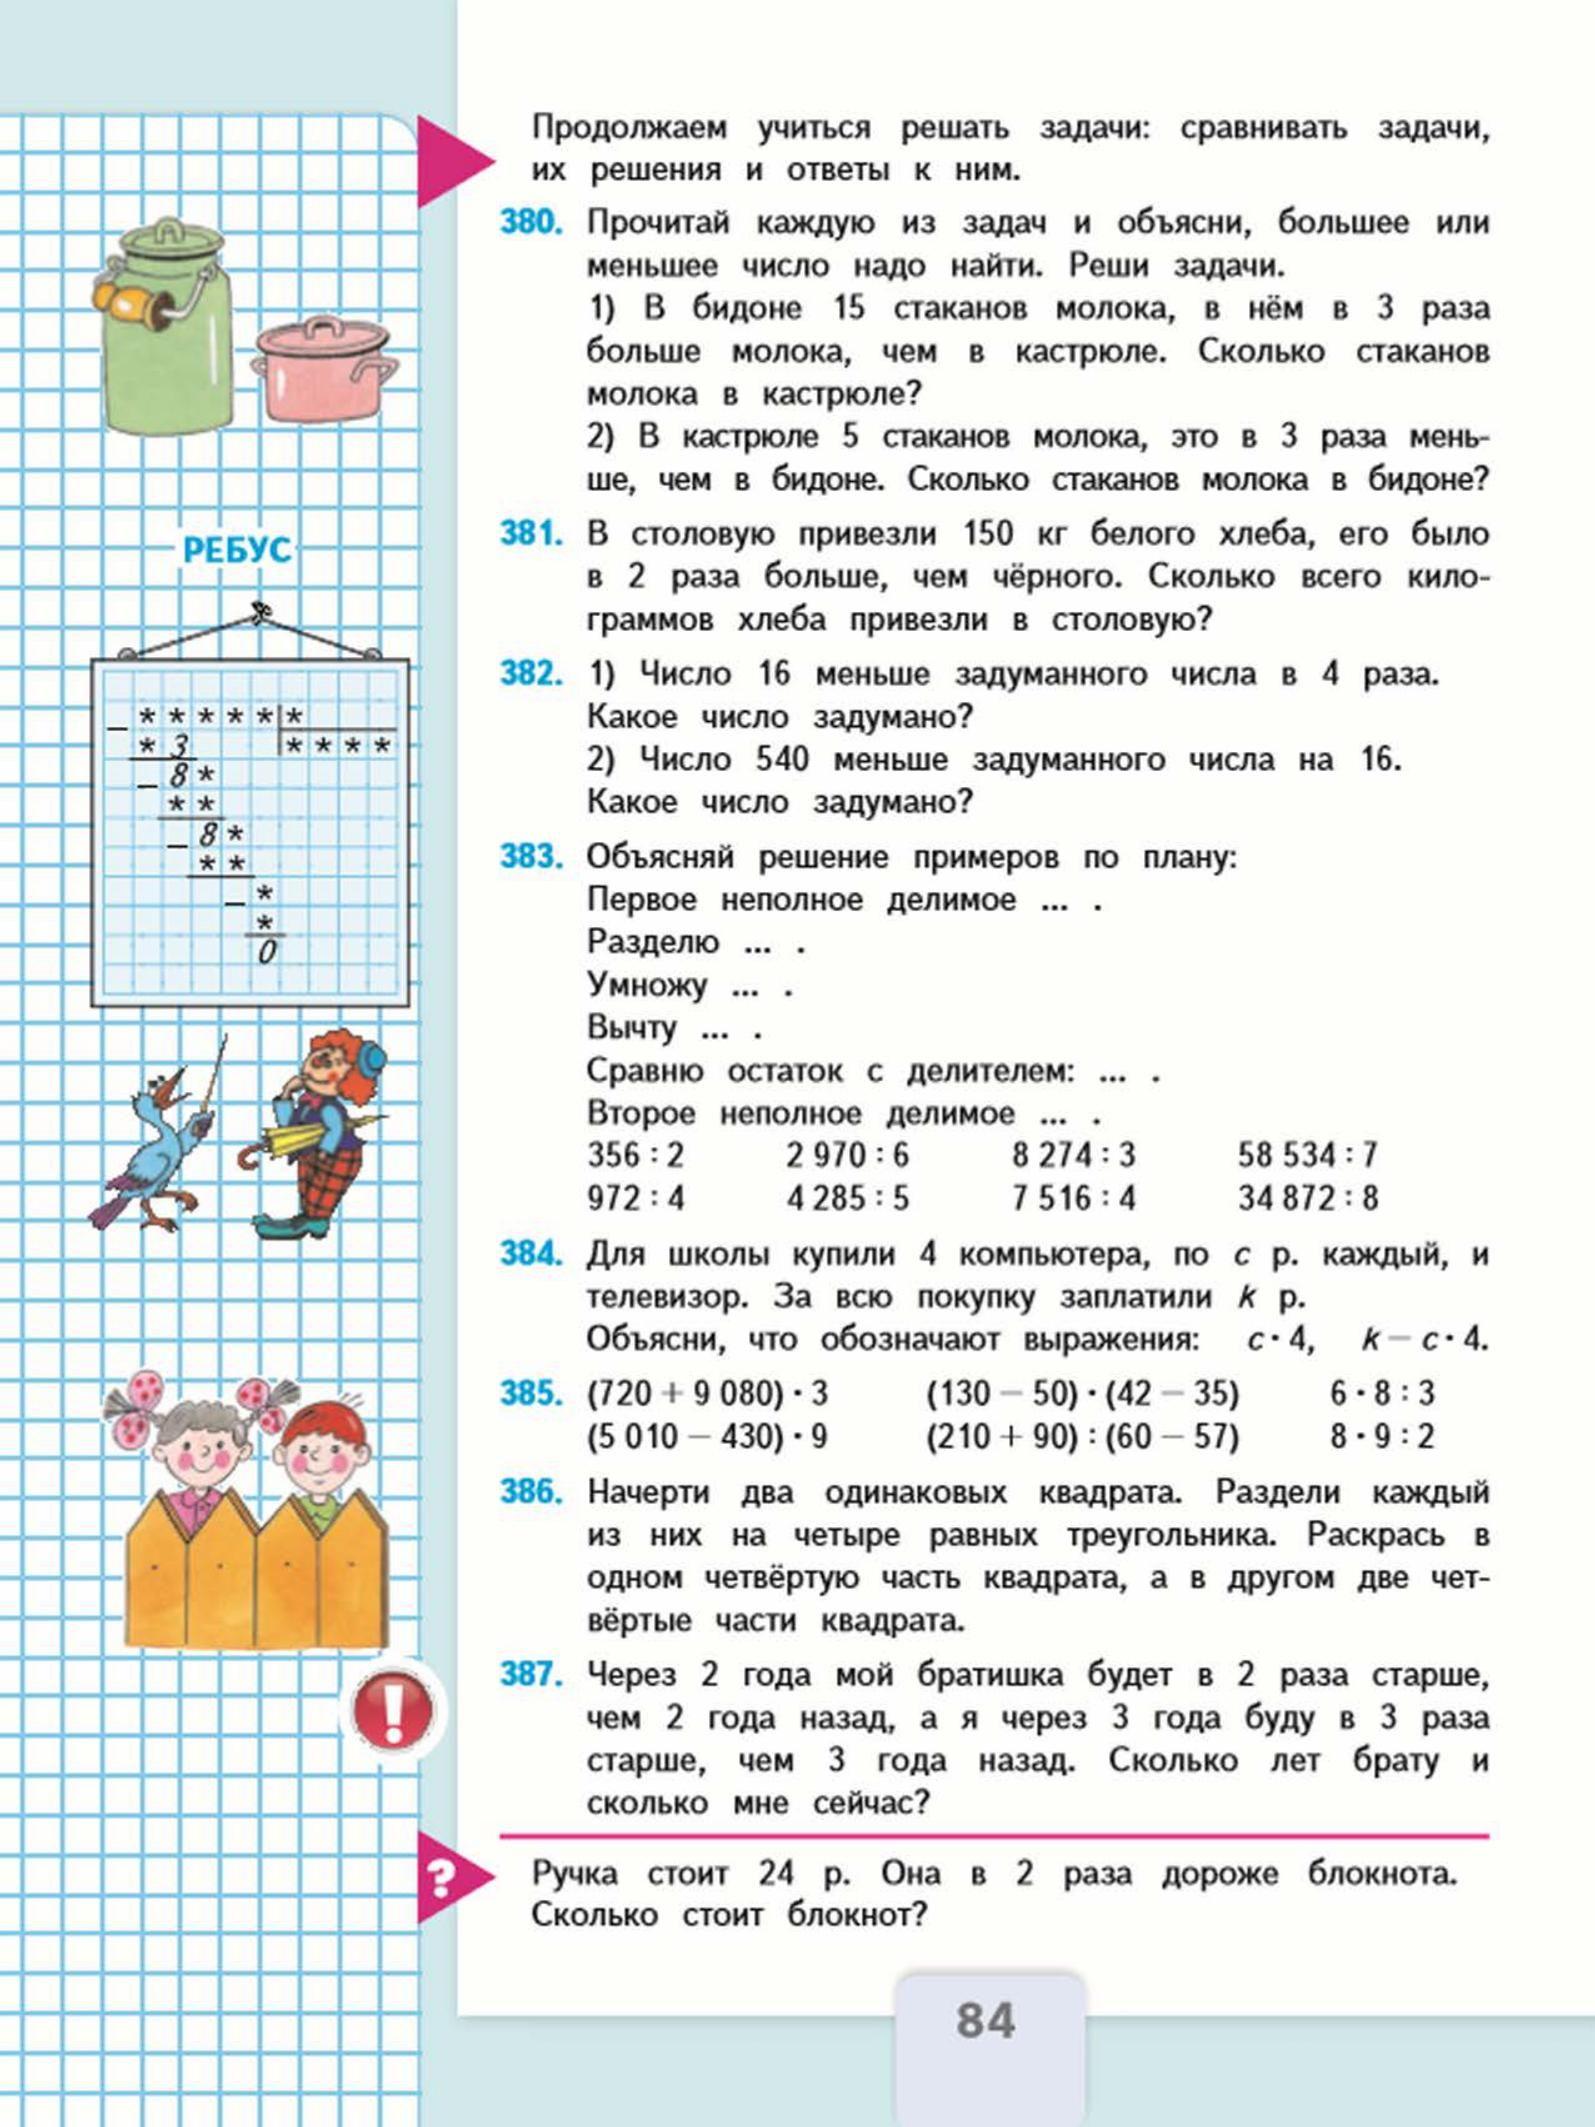 Решебники по информатике 3 класс горячев в играх и задачах